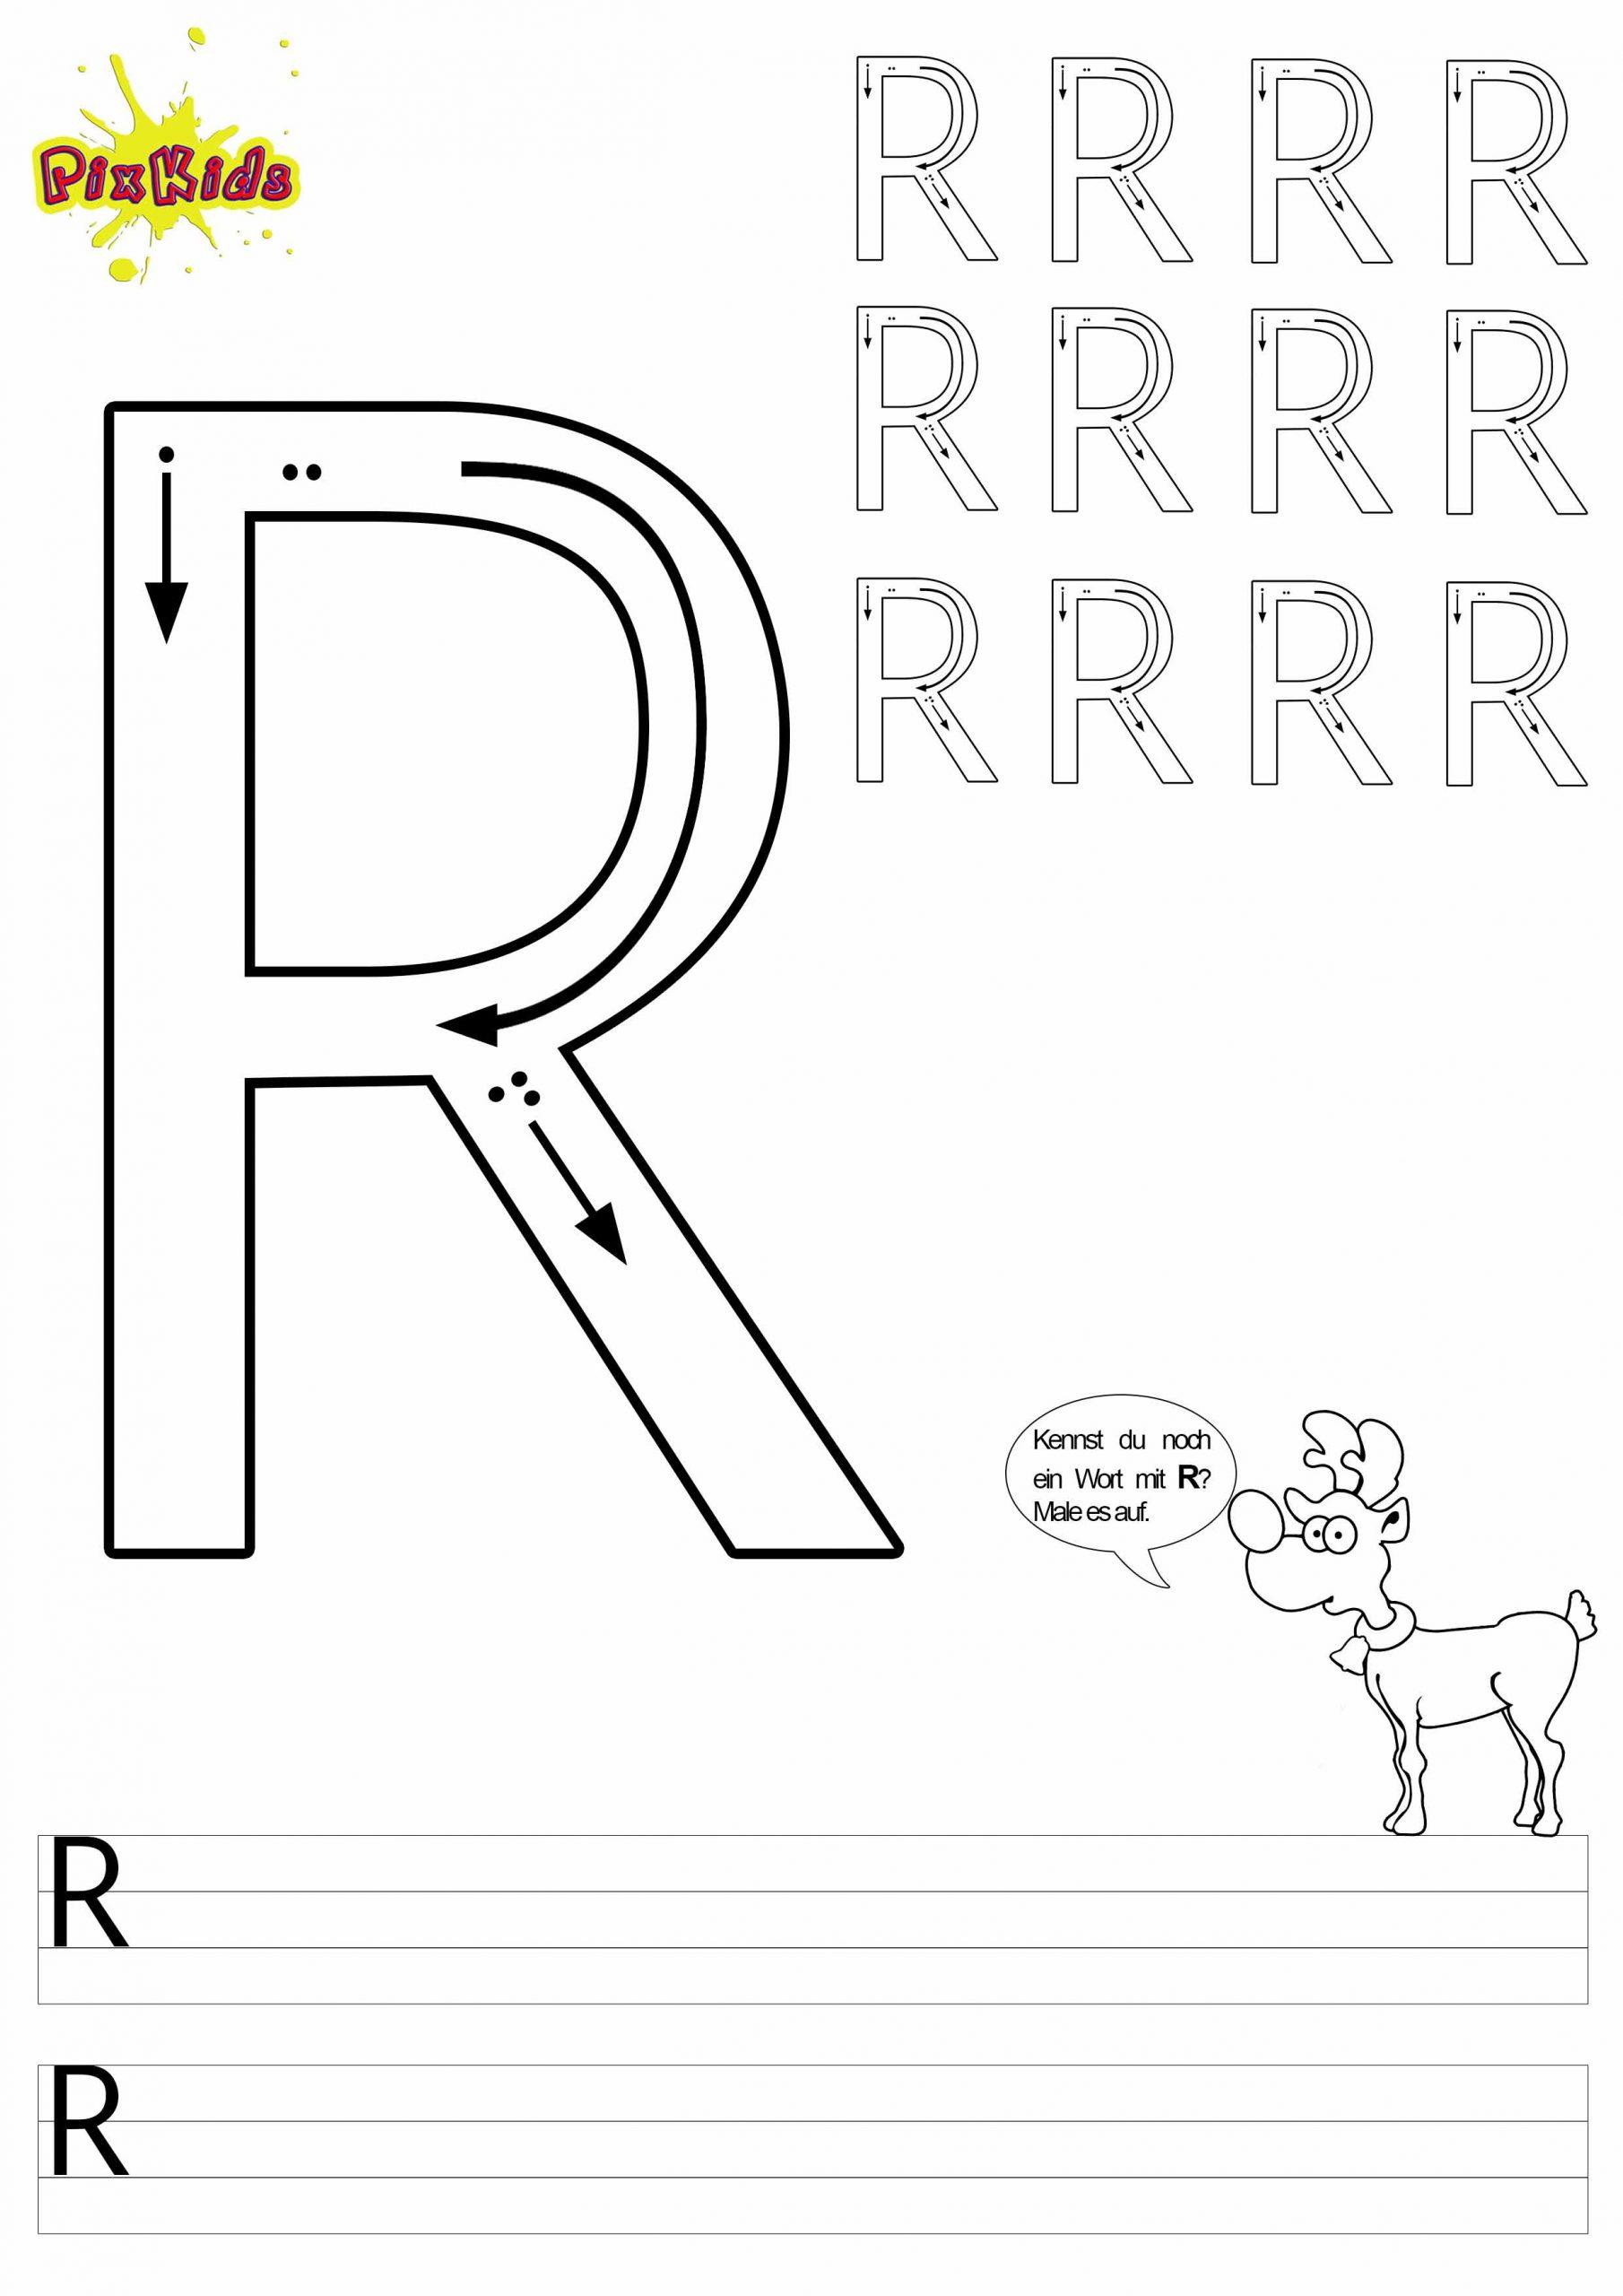 Buchstaben Schreiben Lernen Arbeitsblätter – Buchstabe R bestimmt für Buchstaben Schreiben Lernen Arbeitsblätter Kostenlos